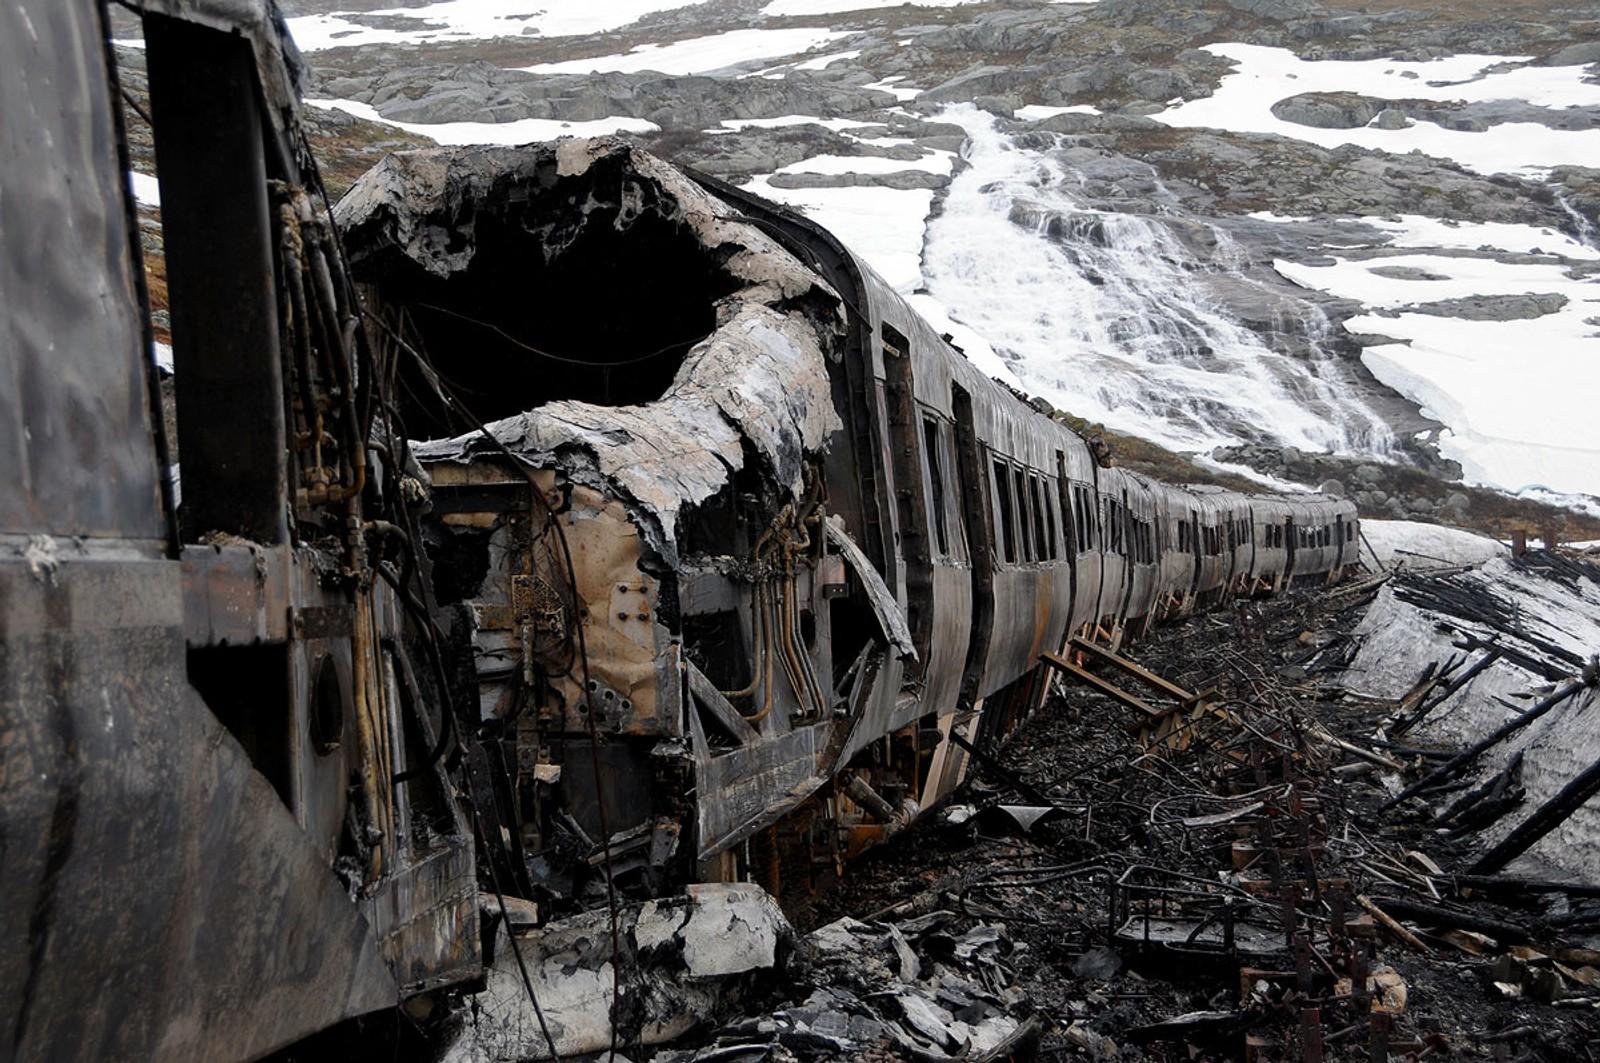 Togsettet var fullstendig utbrent etter den veldige brannen 16. juni 2011. 253 menneske vart evakuert.